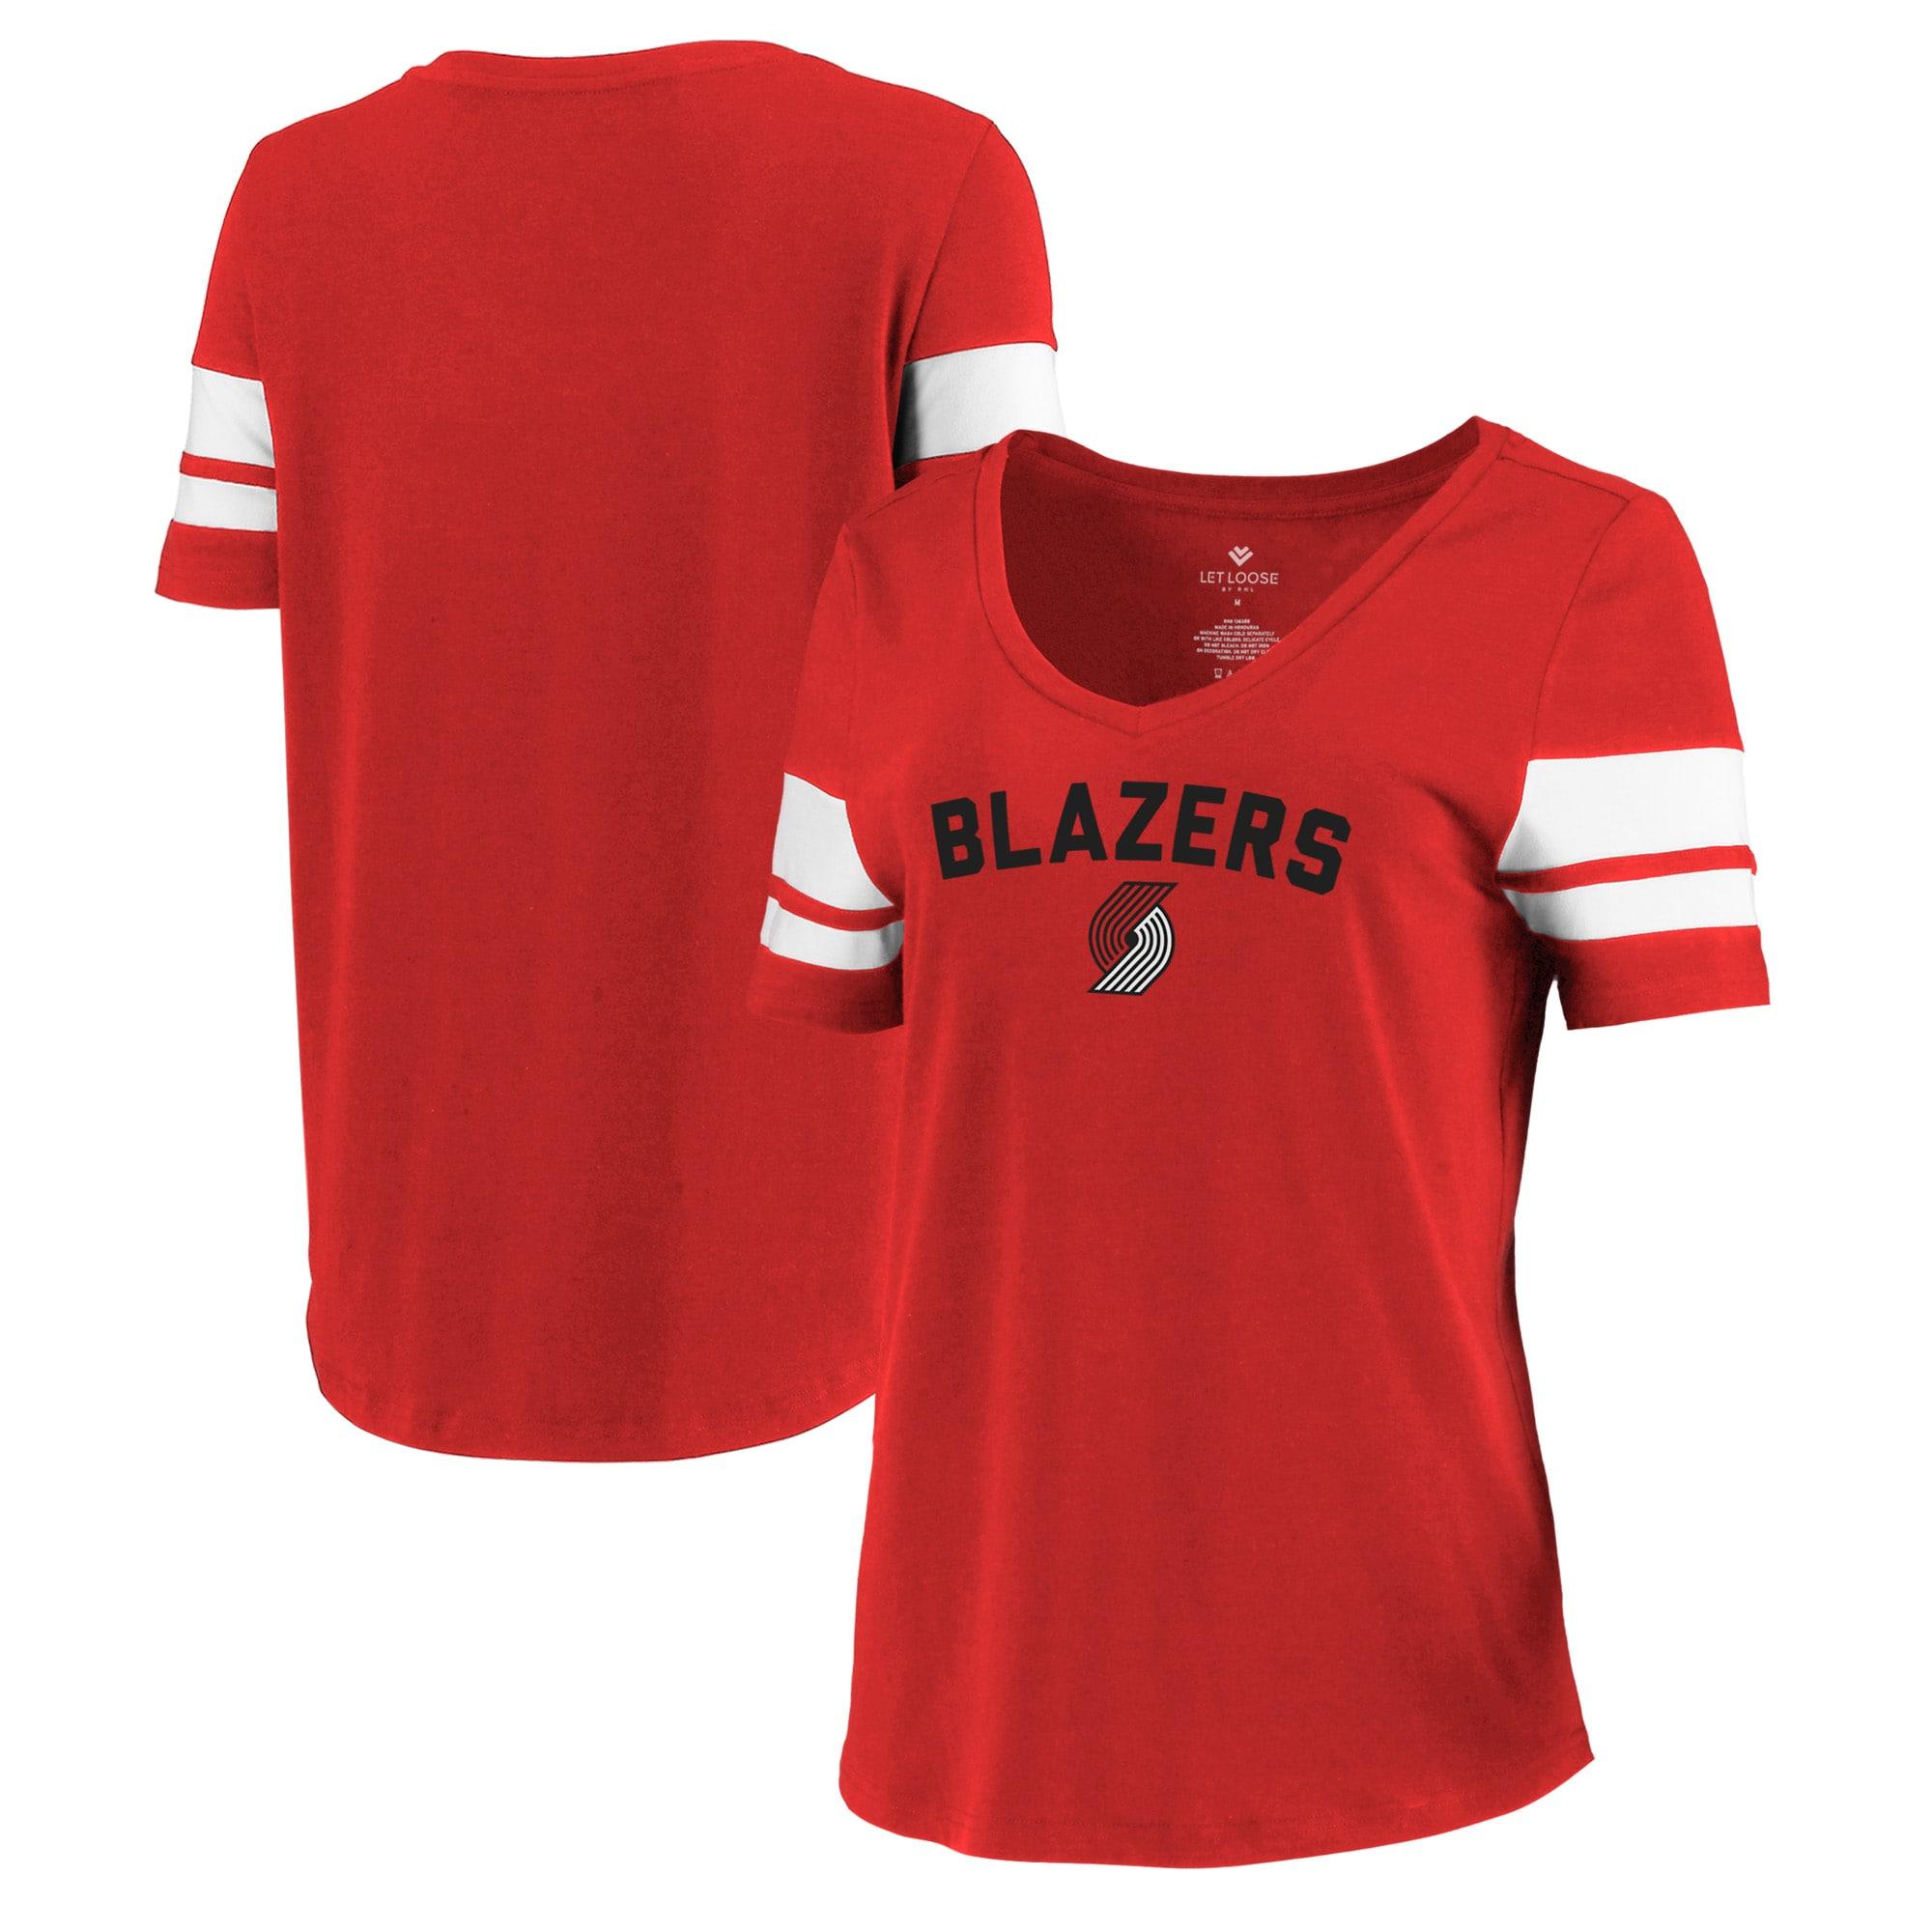 Portland Trail Blazers Let Loose by RNL Women's Scramble Two Stripe Tri-Blend T-Shirt - Red